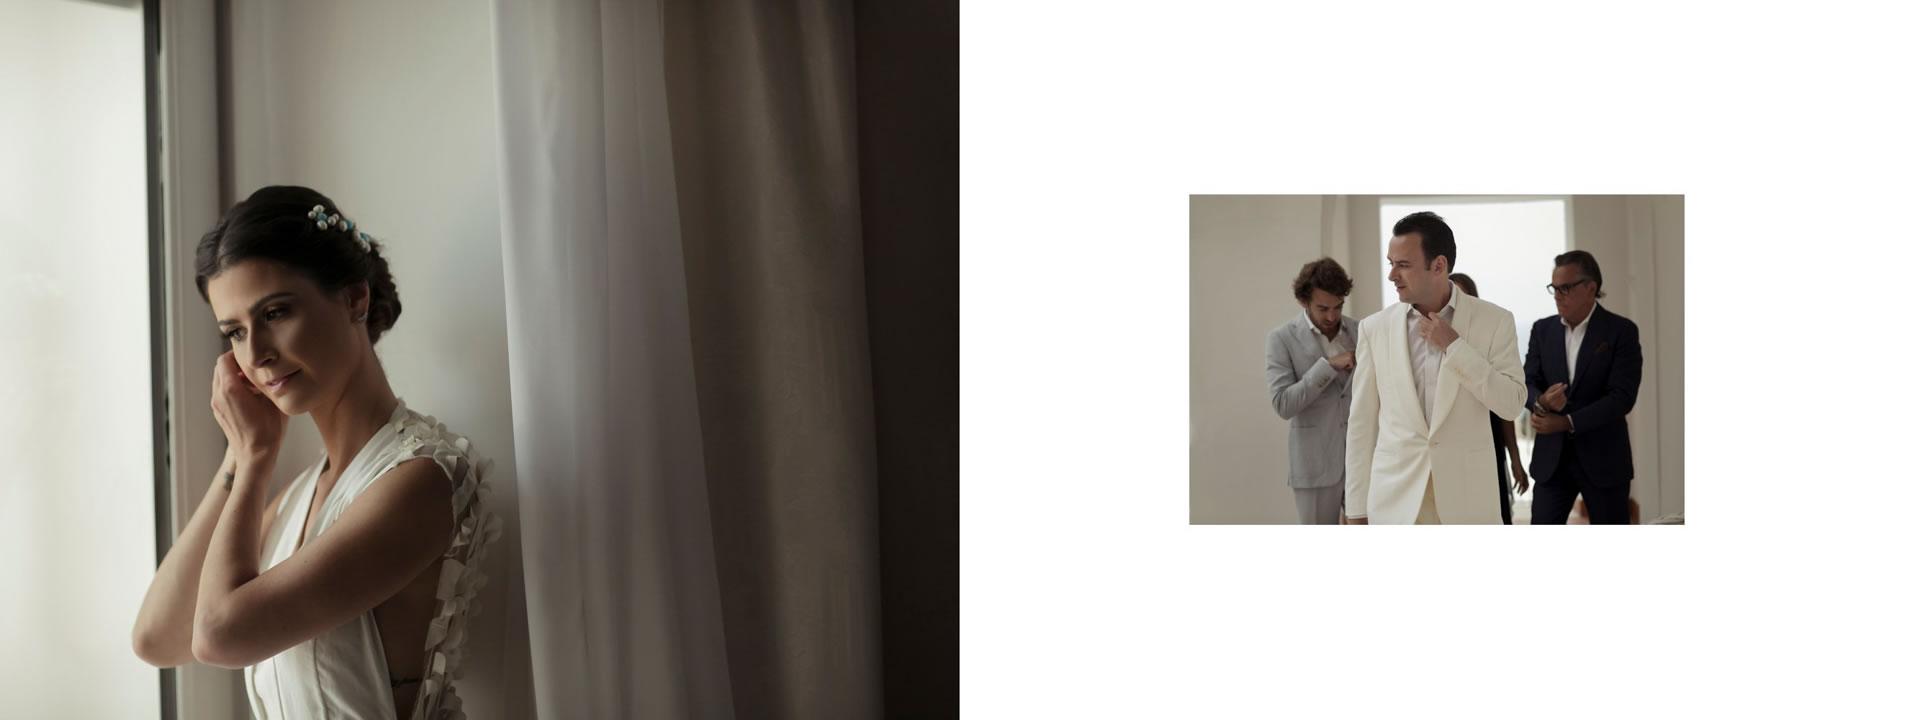 - 28 :: Jewish luxury wedding weekend in Capri :: Luxury wedding photography - 27 ::  - 28